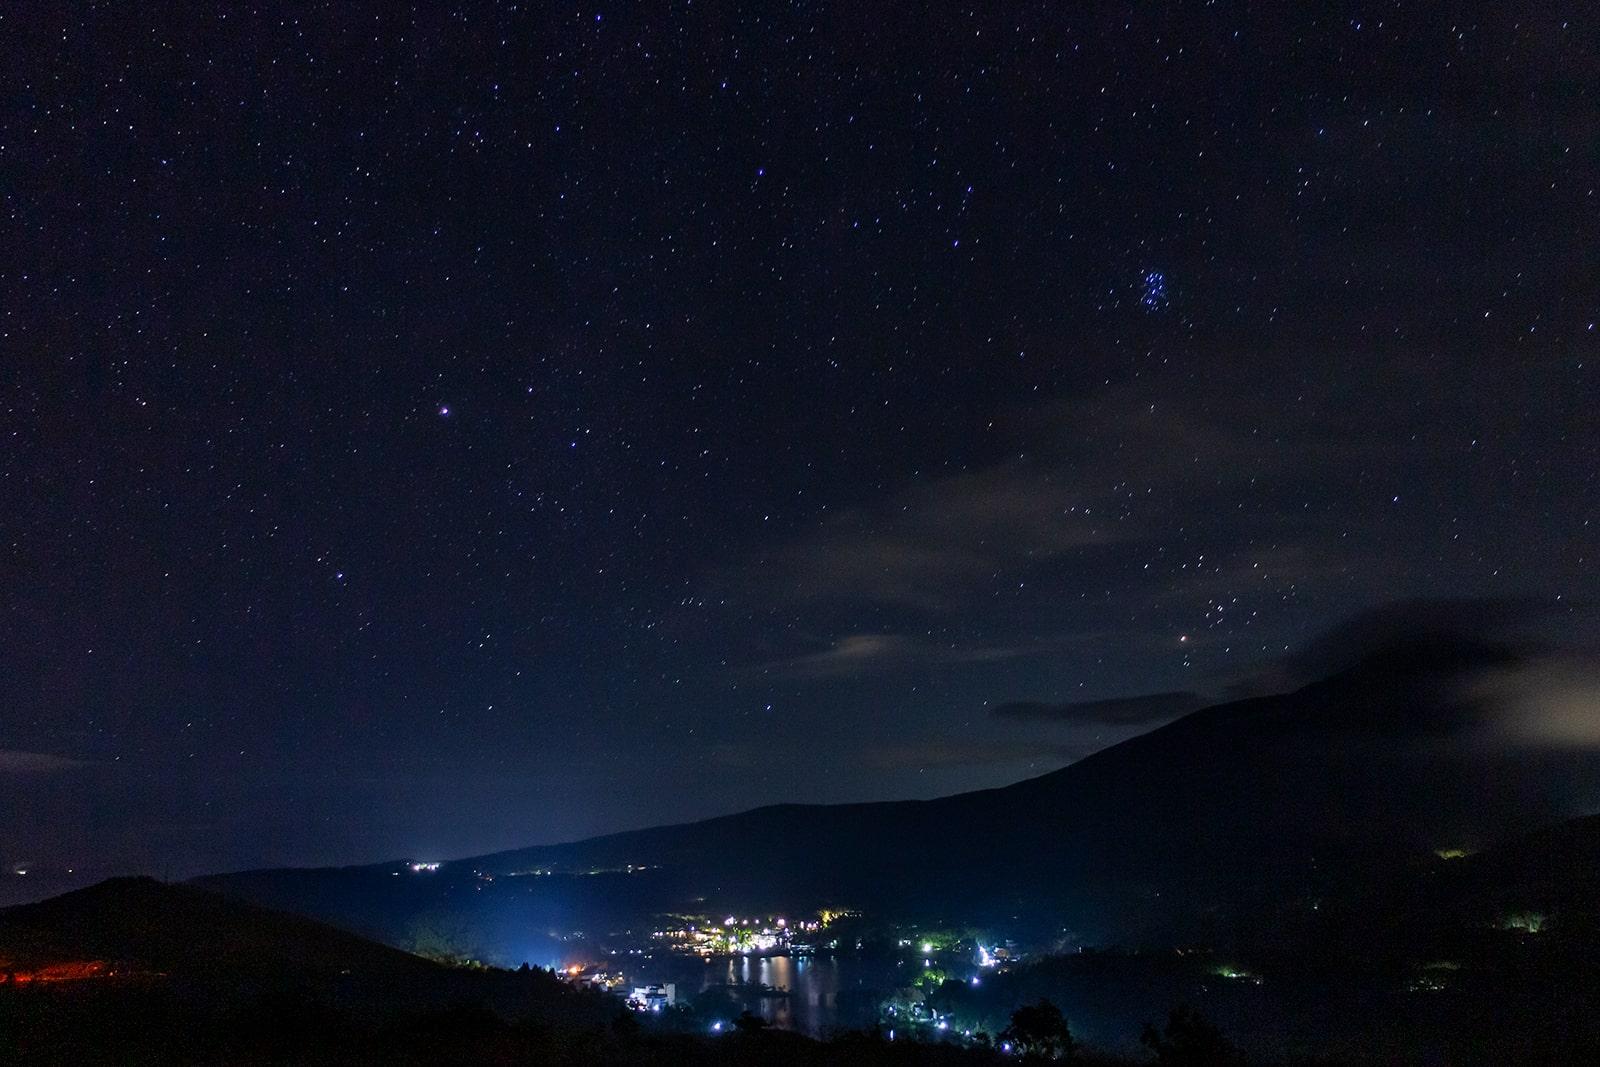 白樺湖と蓼科山と星空を見ることができる白樺湖展望台